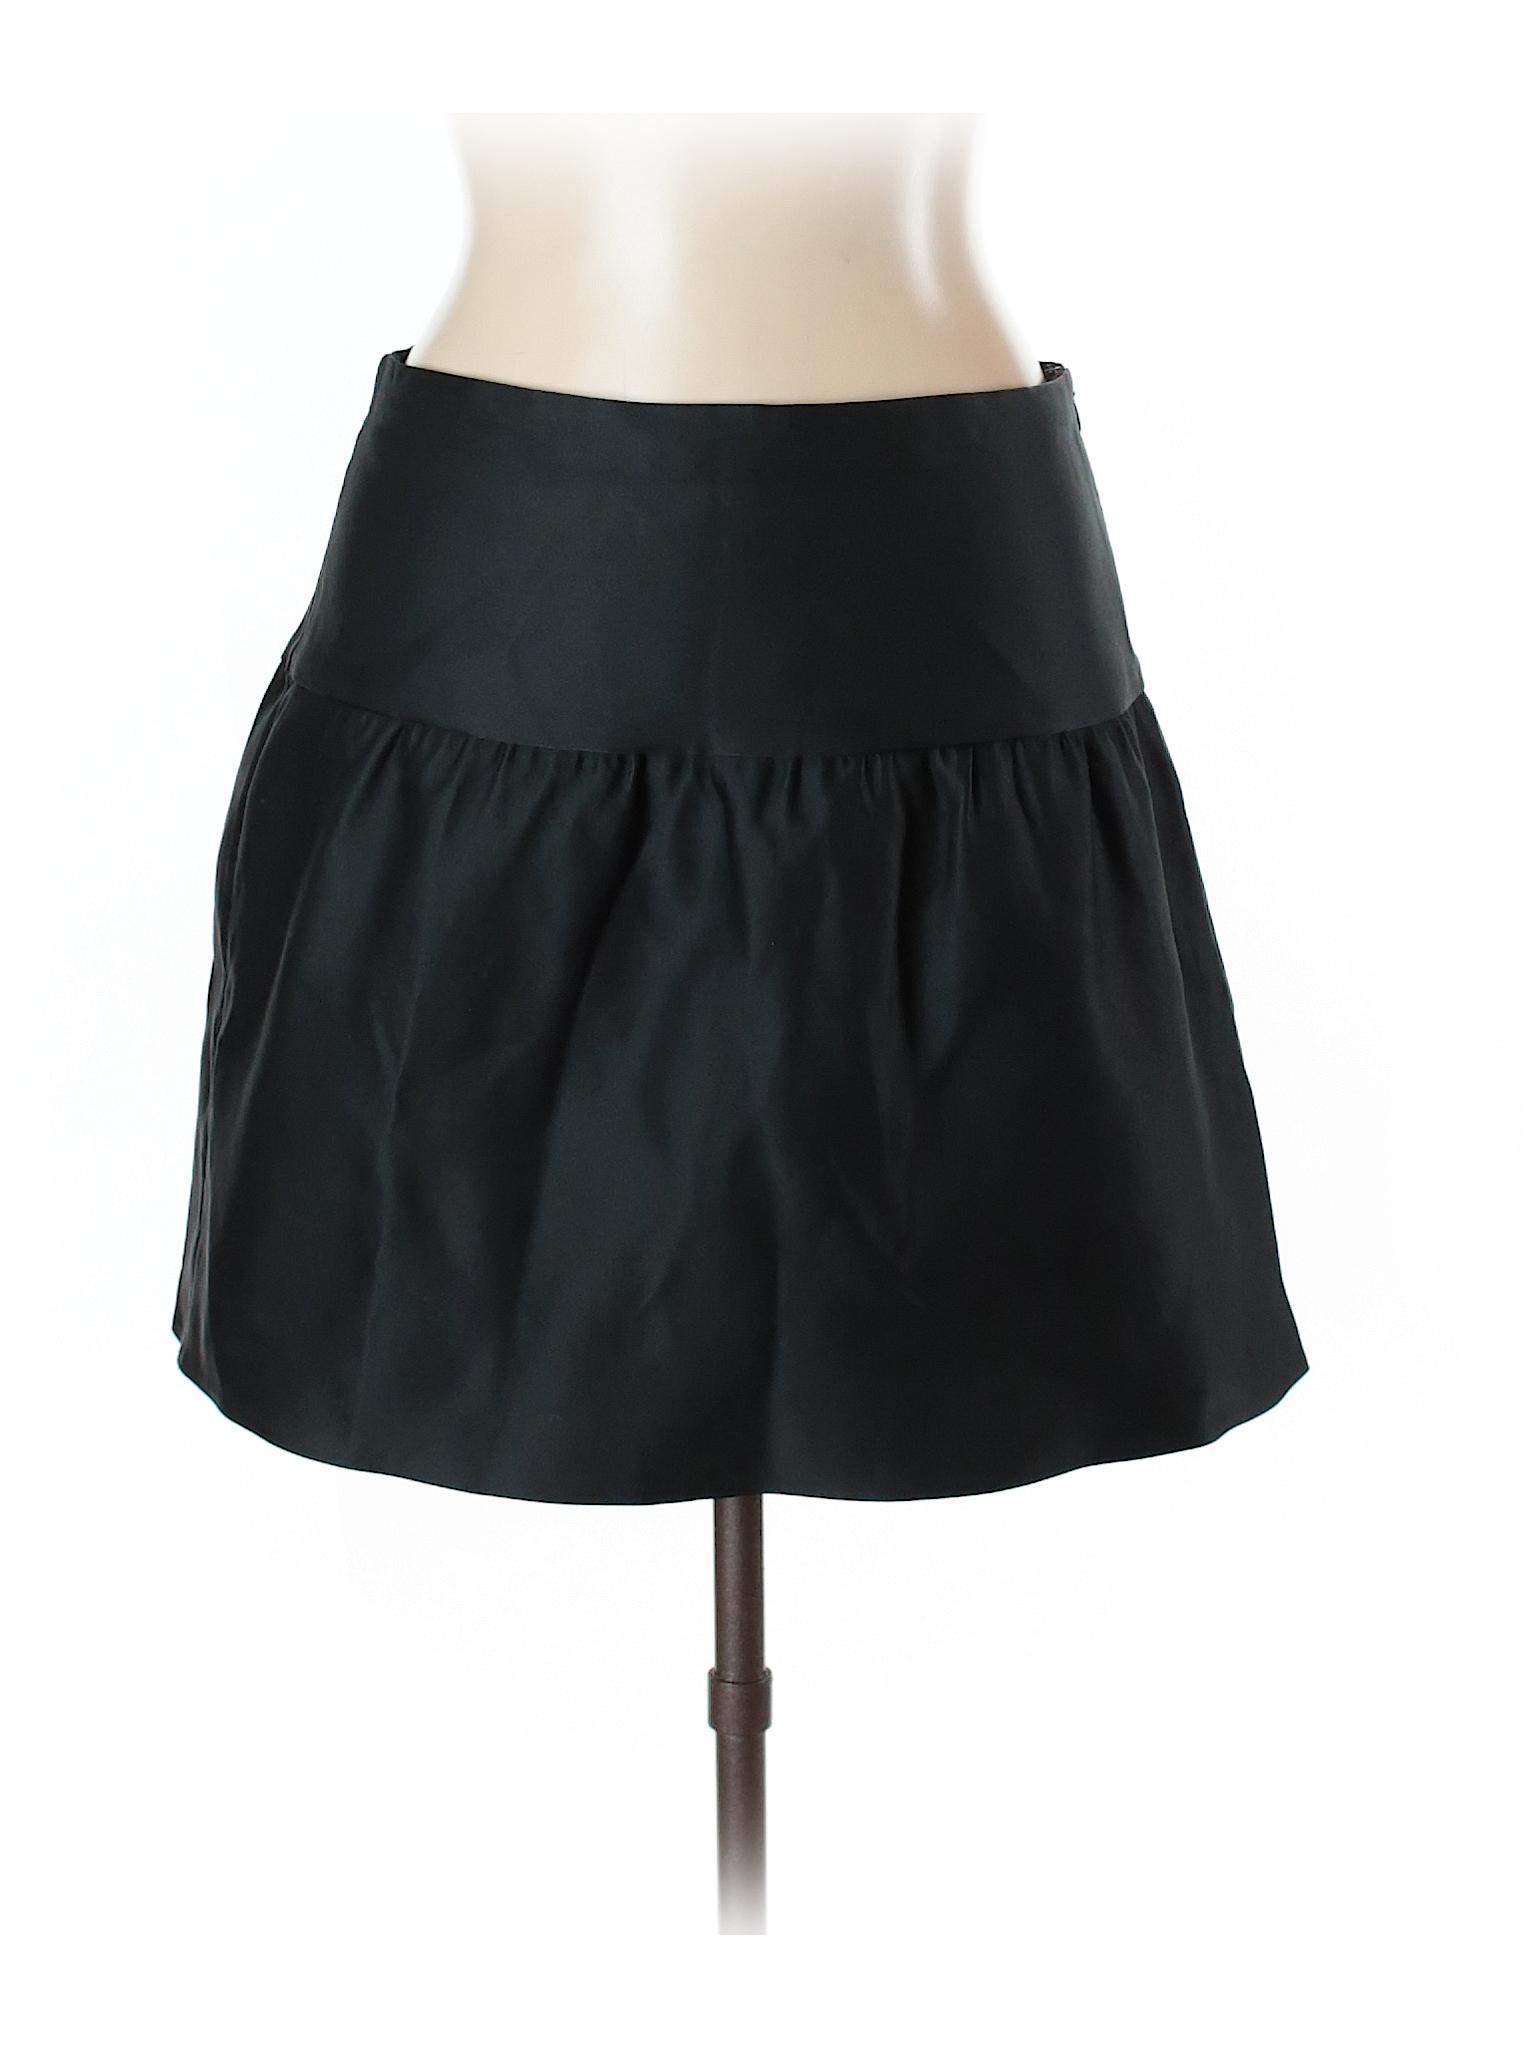 Boutique Boutique Skirt Casual Tibi leisure leisure OaxYqp5